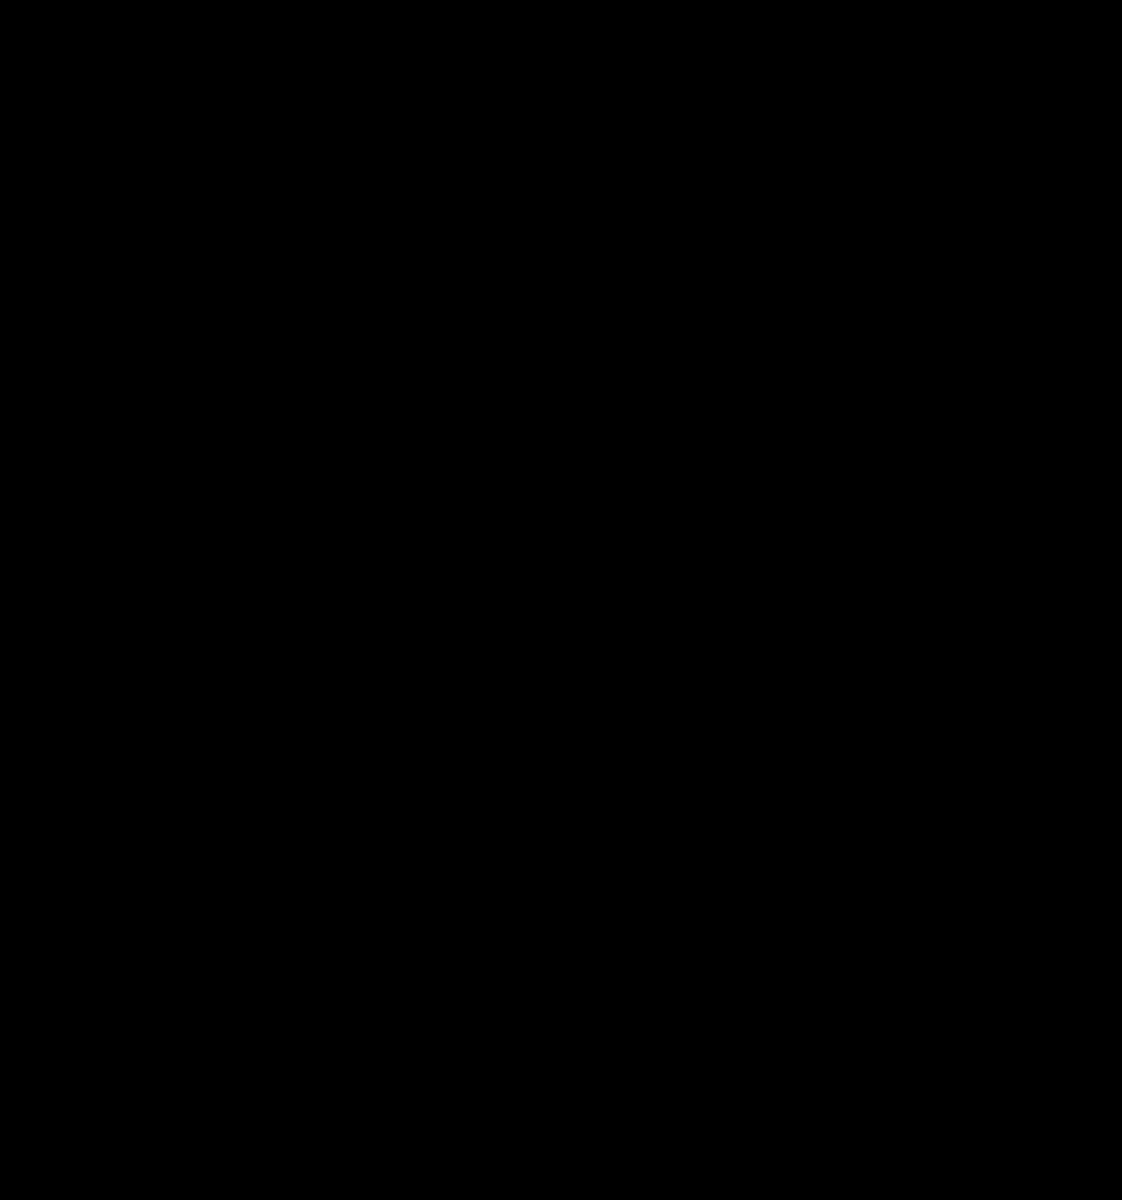 Ditto – Vogelhuis met 2 Vogel Sleutelhangers Wit – Groen / Samenwonen Cadeau / Muurdecoratie